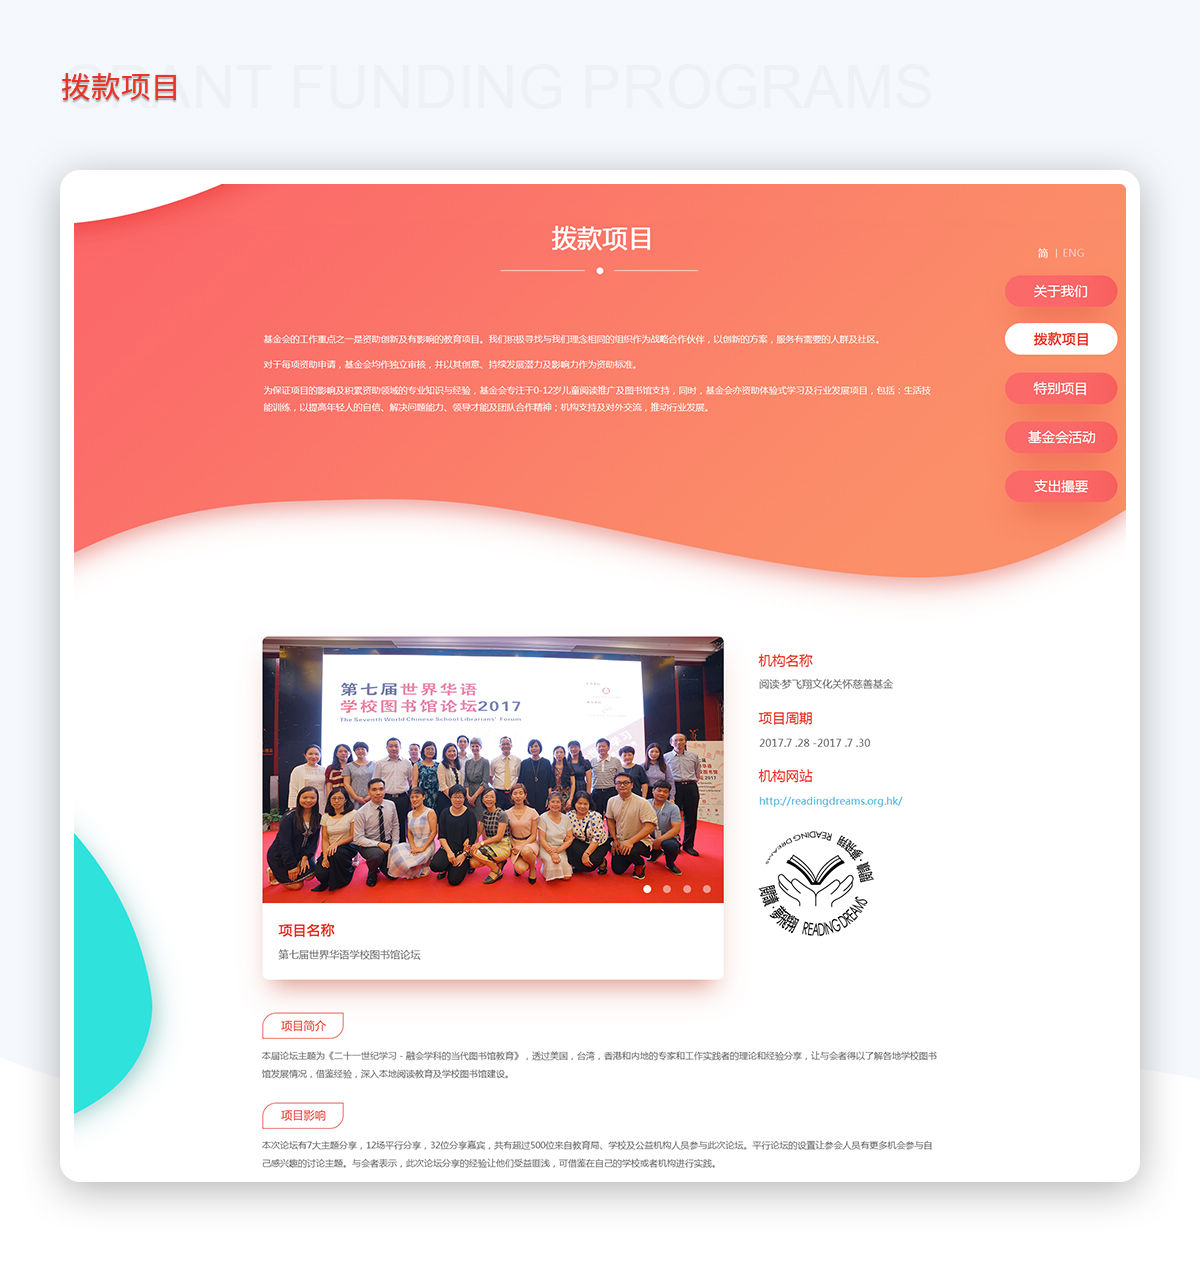 2016-2017陈一心家族慈善基金年报